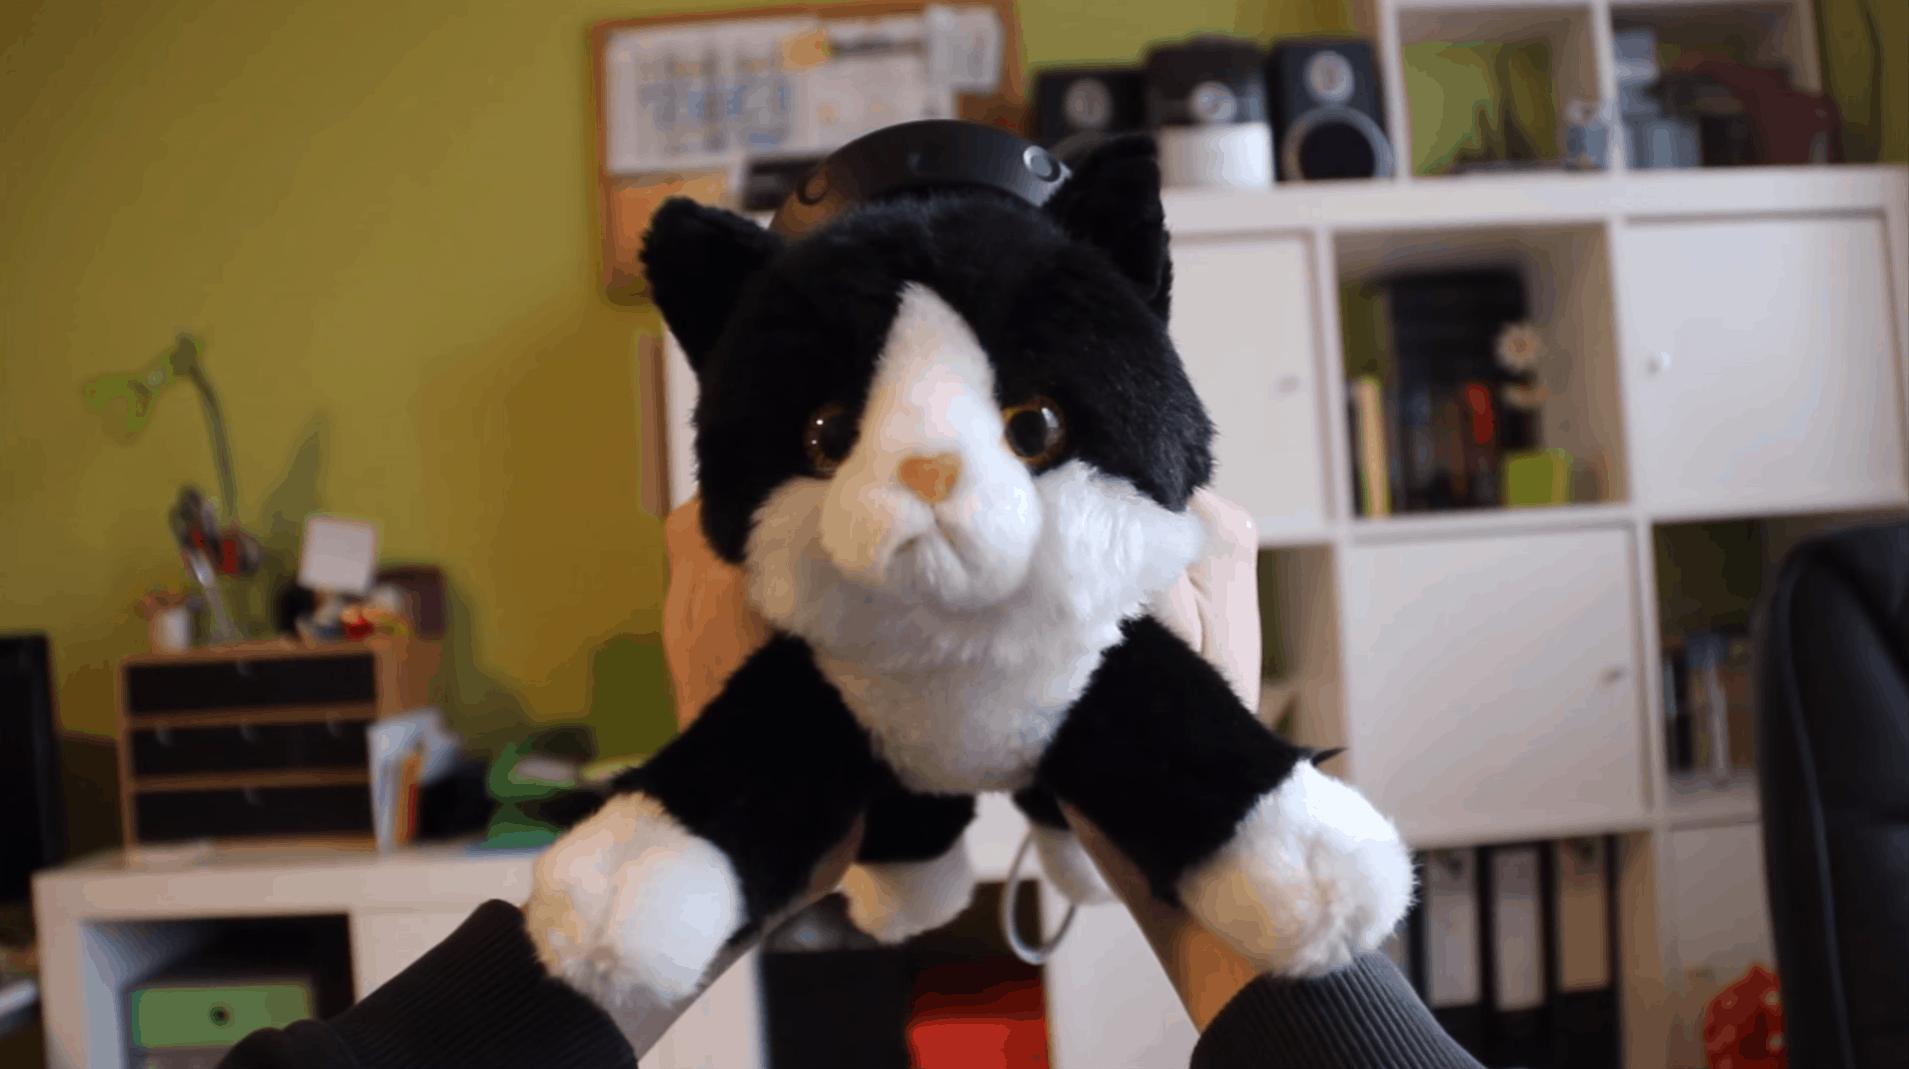 Konrad the Kitten - Plüschtiere mit der Vive zum Leben erwecken